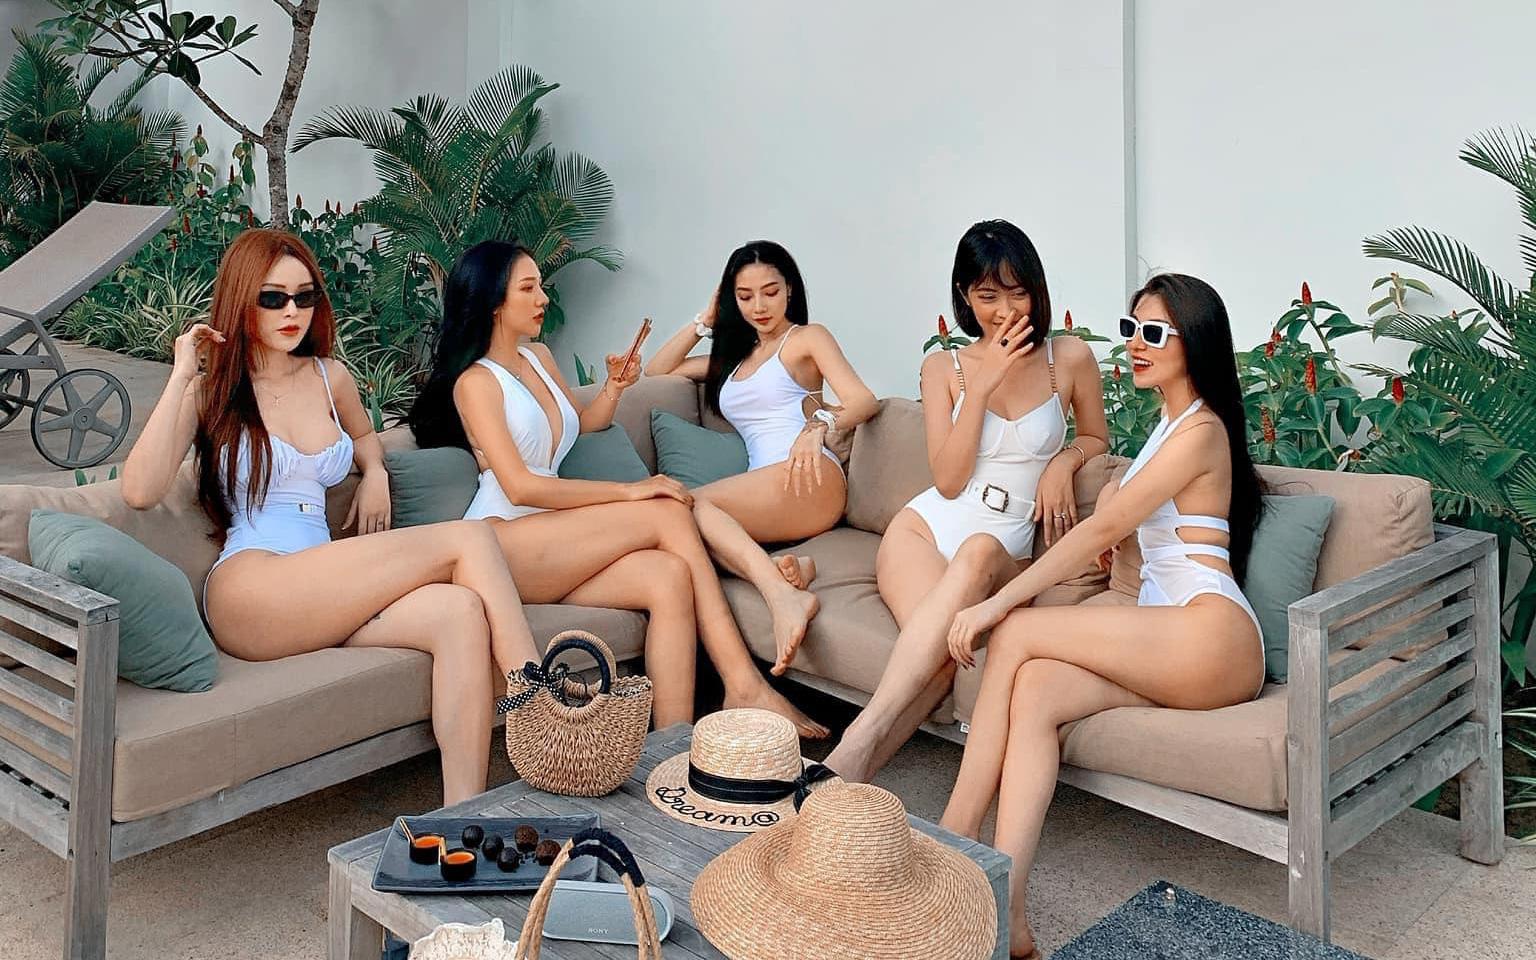 Hội gái đẹp chơi thân rủ nhau diện bikini khoe eo thon chân dài thẳng tắp: Biết nhìn vào ai đây?